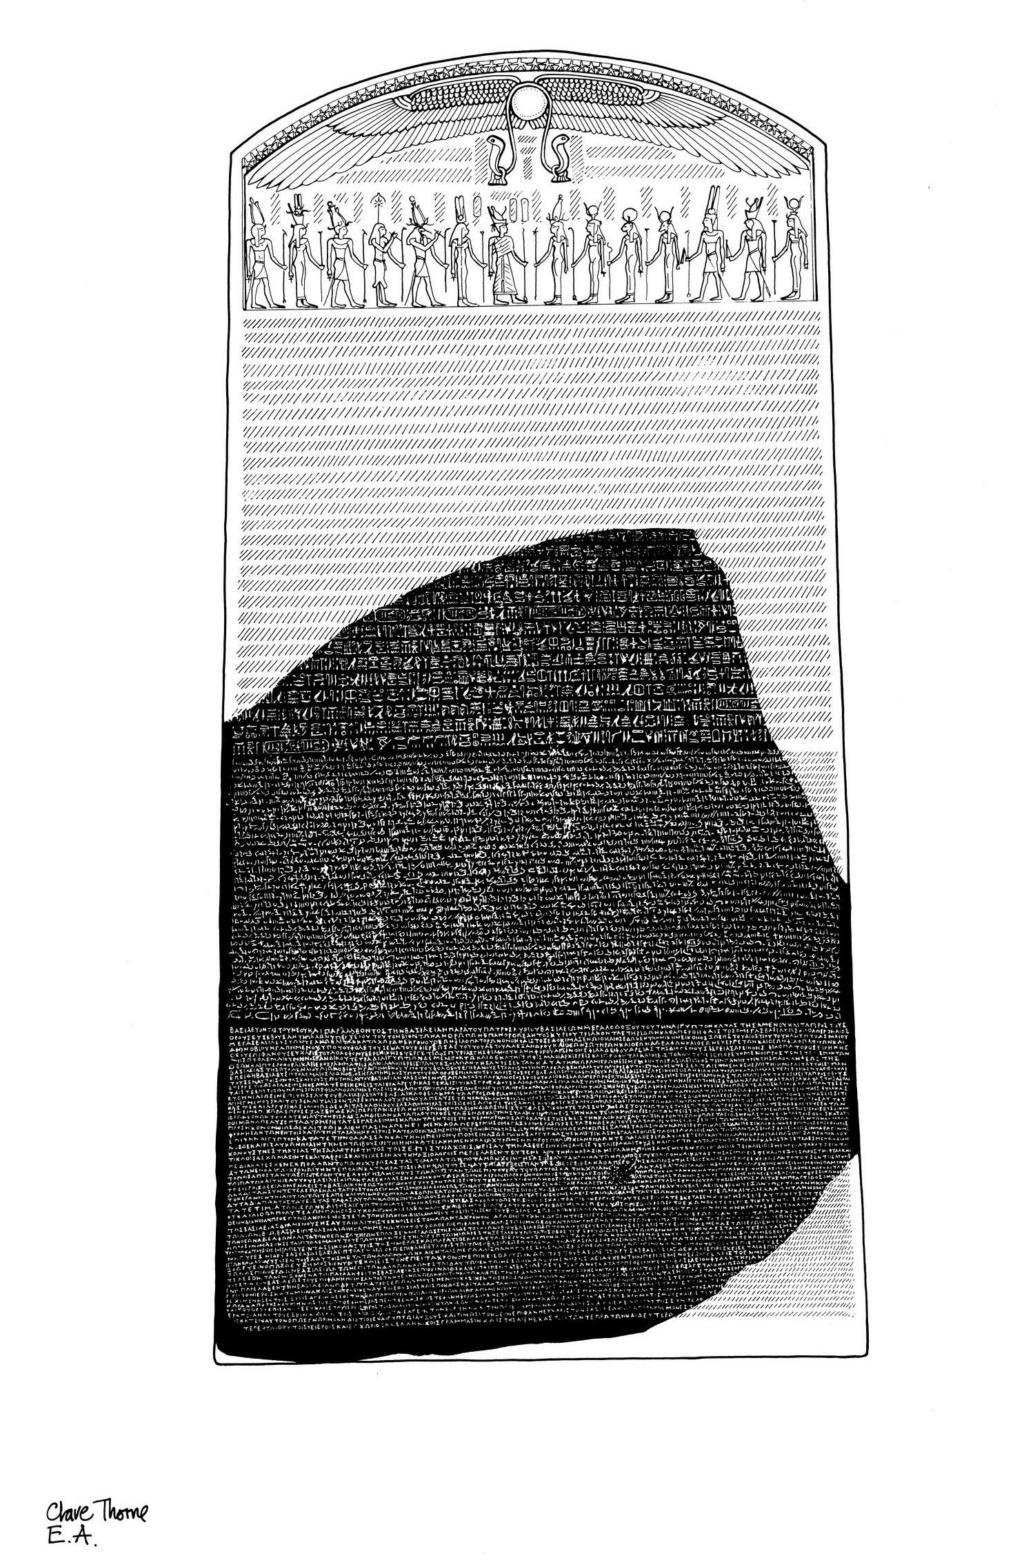 Bonaparte et la campagne d'Egypte (1798 - 1801) - Page 2 87196710